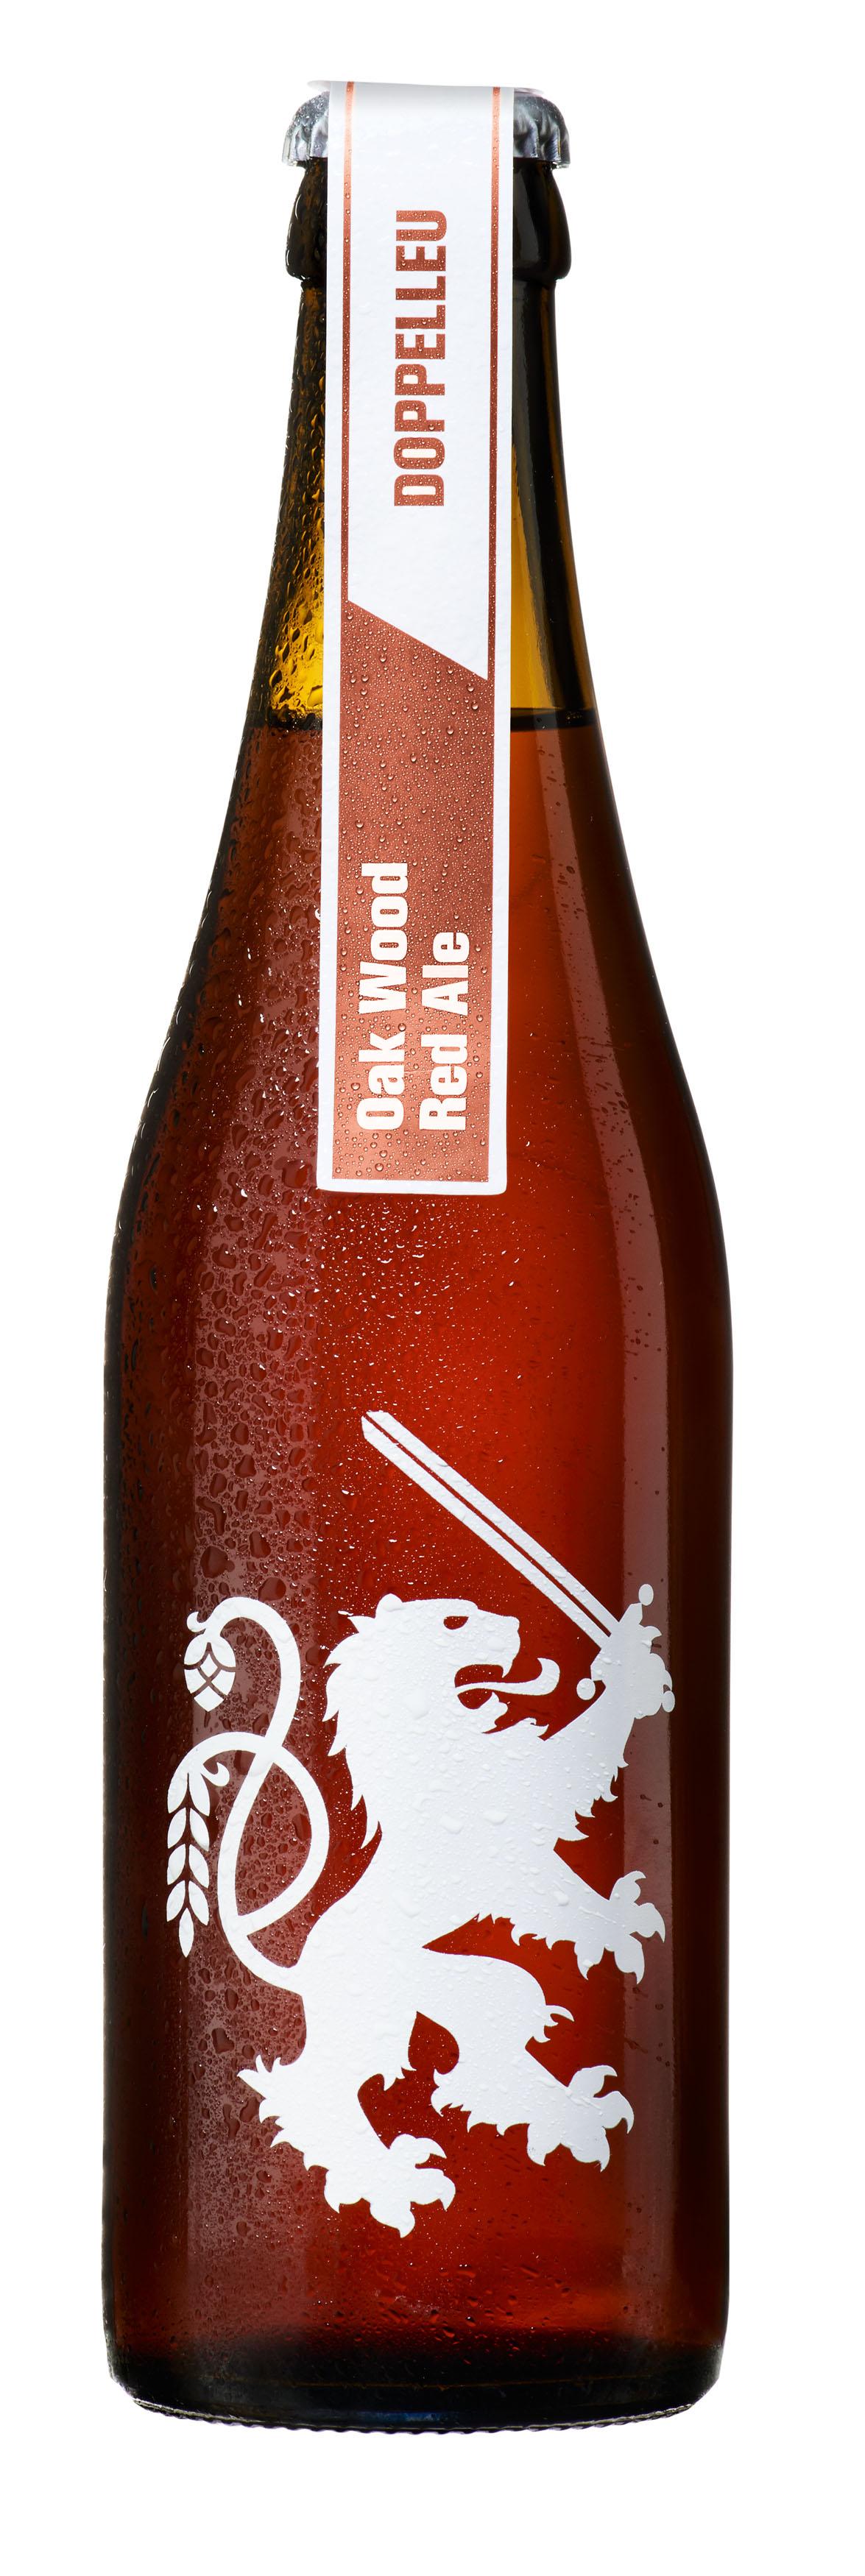 Doppelleu Oak Wood Red Ale